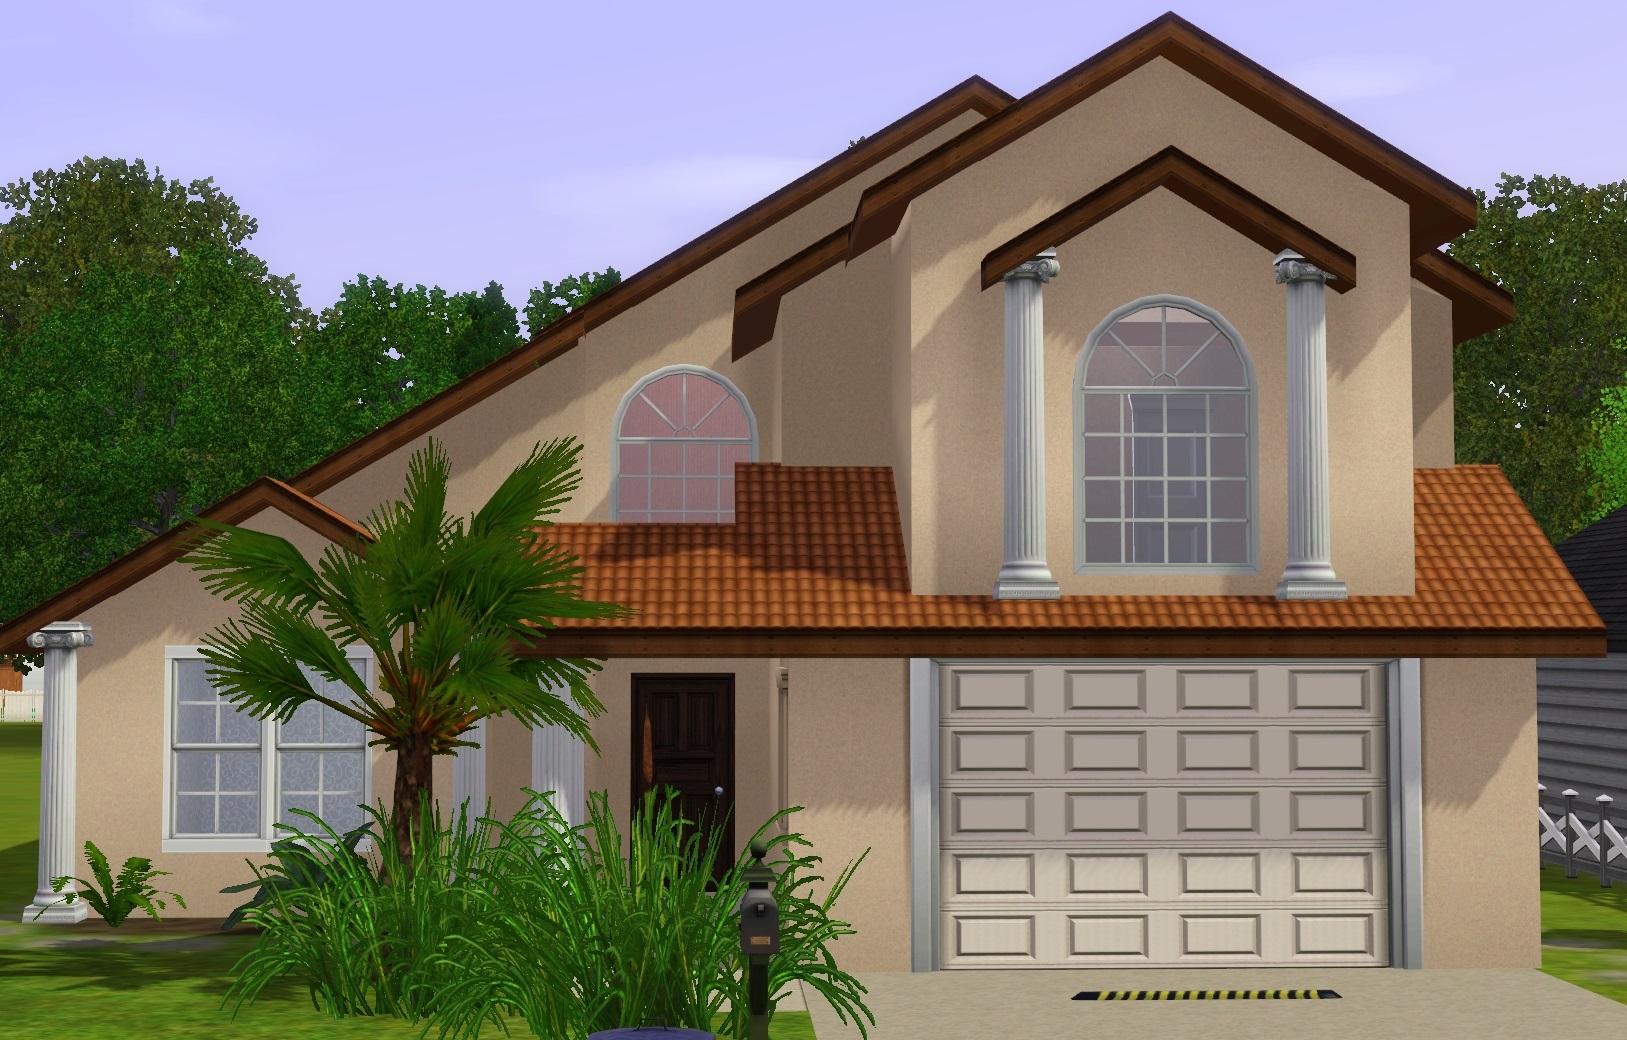 Mod The Sims Medium Sized Suburban Home